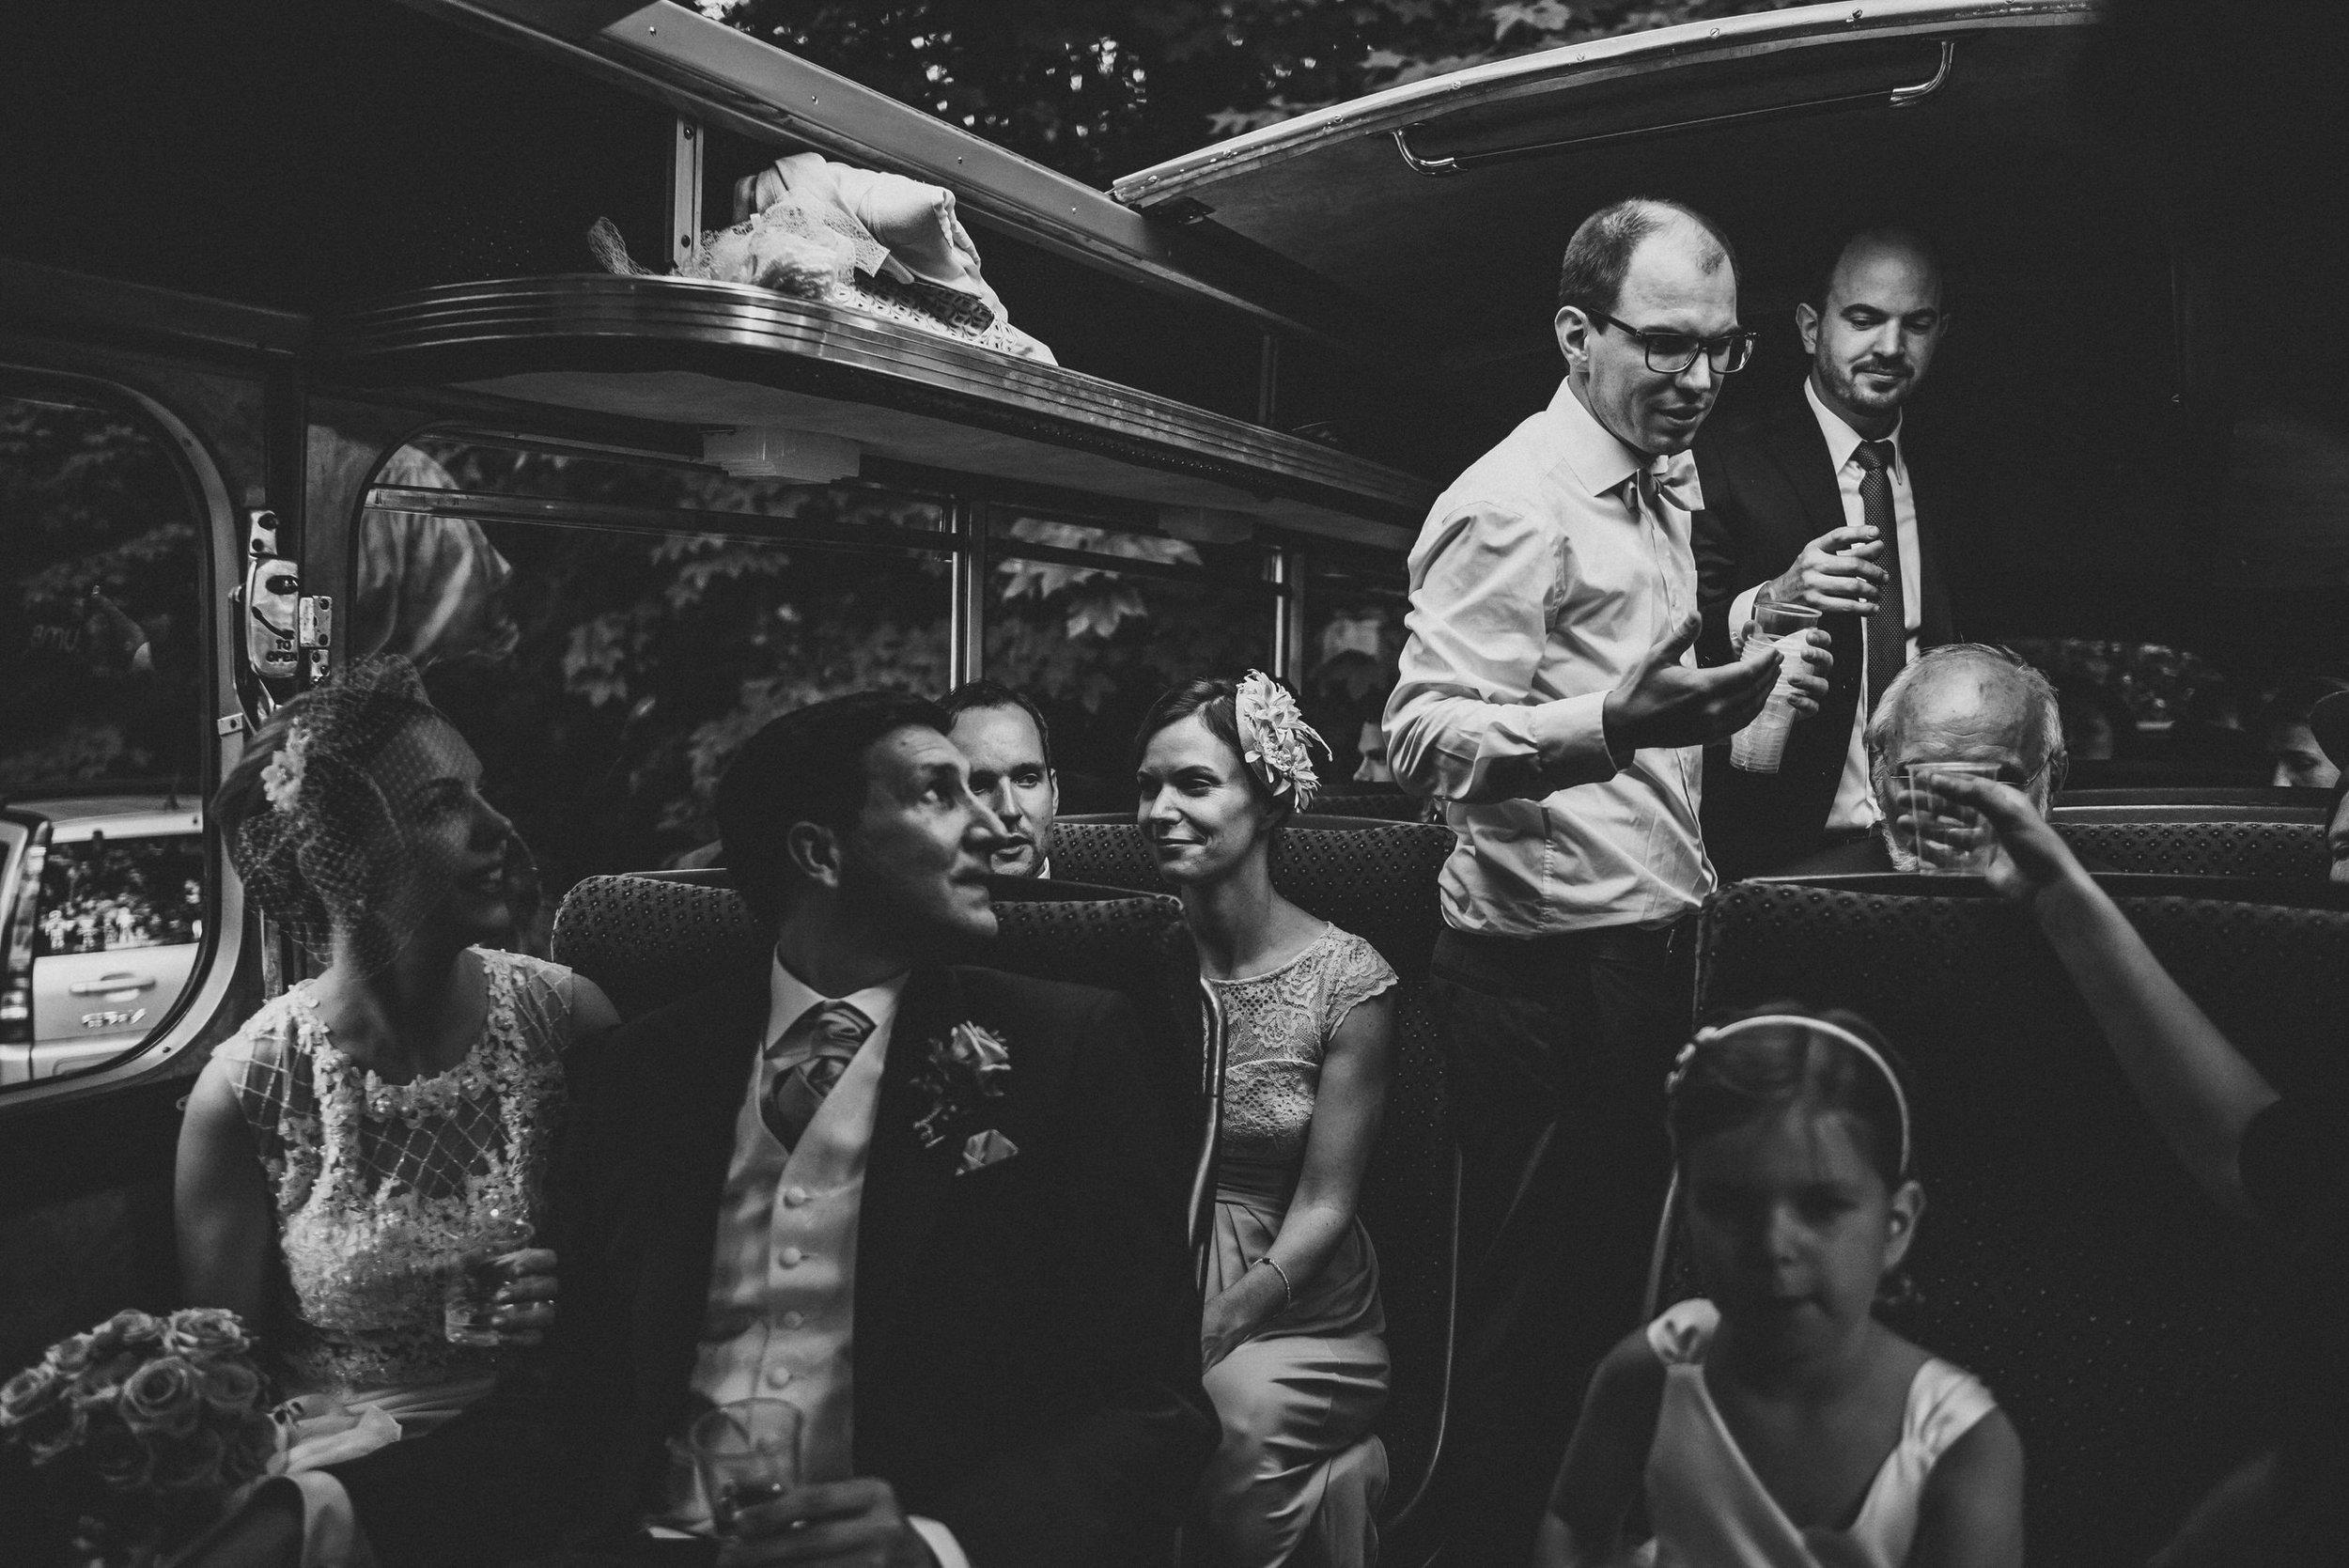 surrey-traditional-country-club-wedding-285.jpg